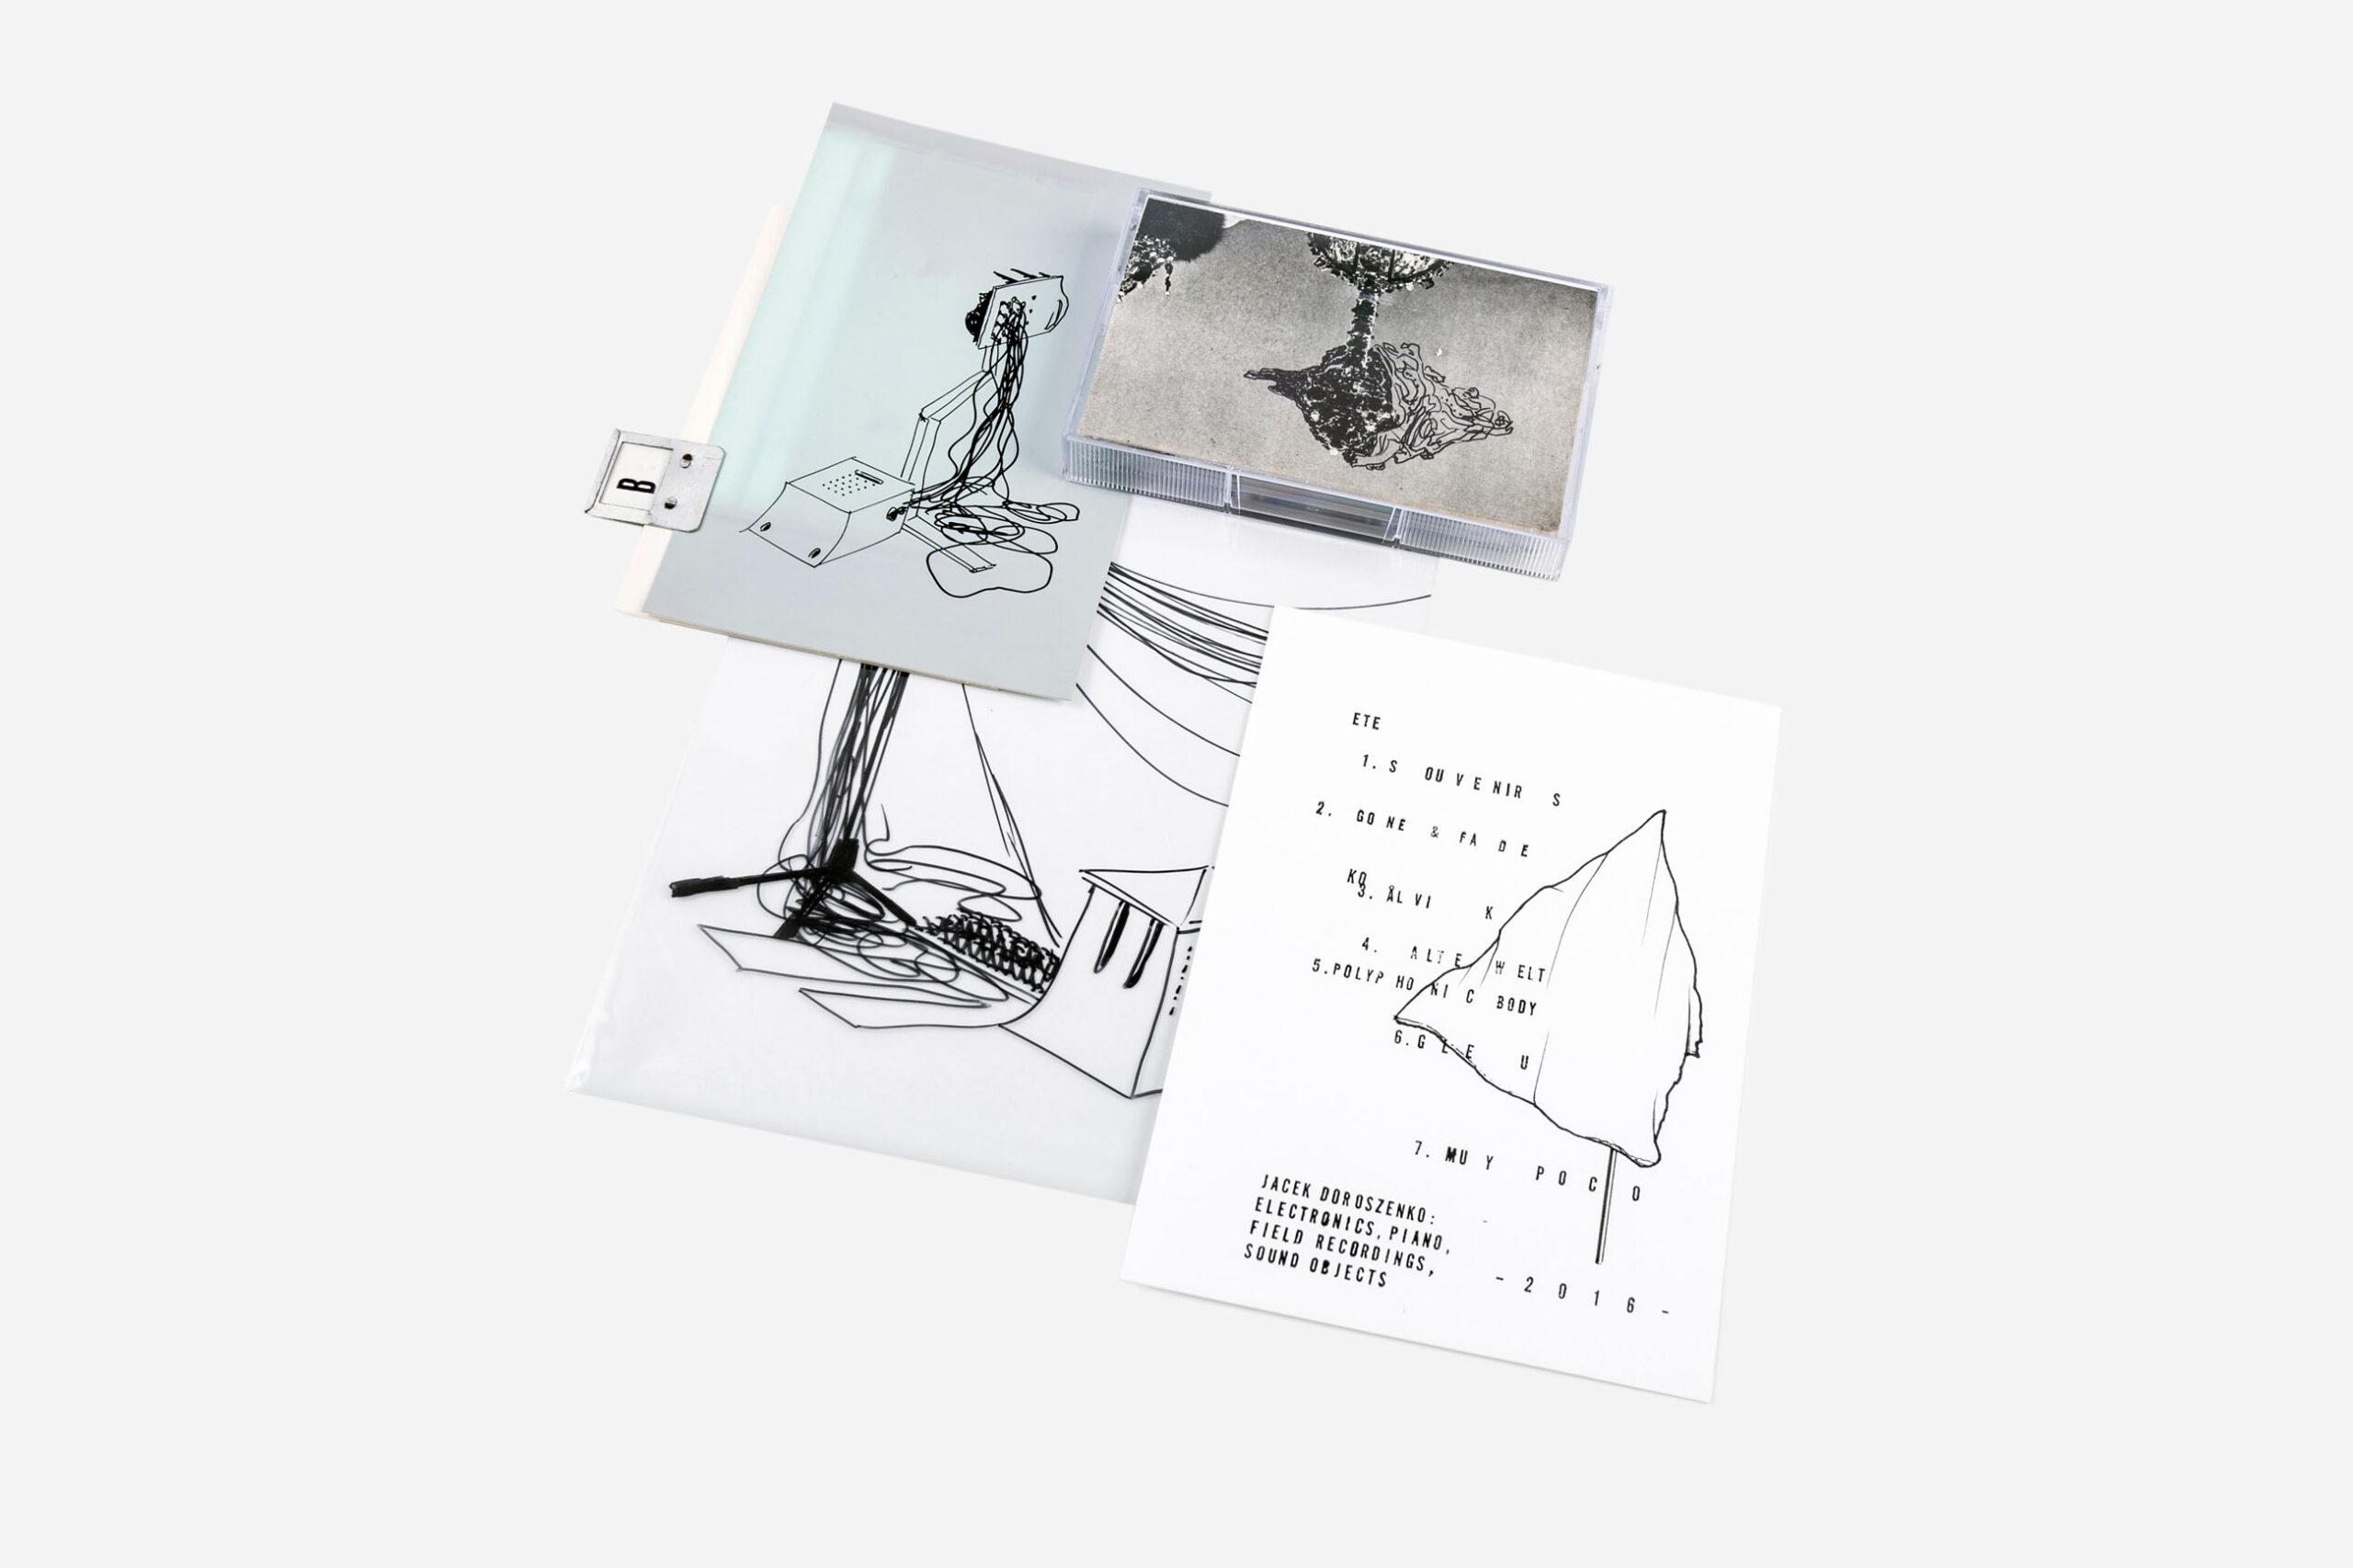 Jacek Doroszenko - Useful Remnants, album detail 5